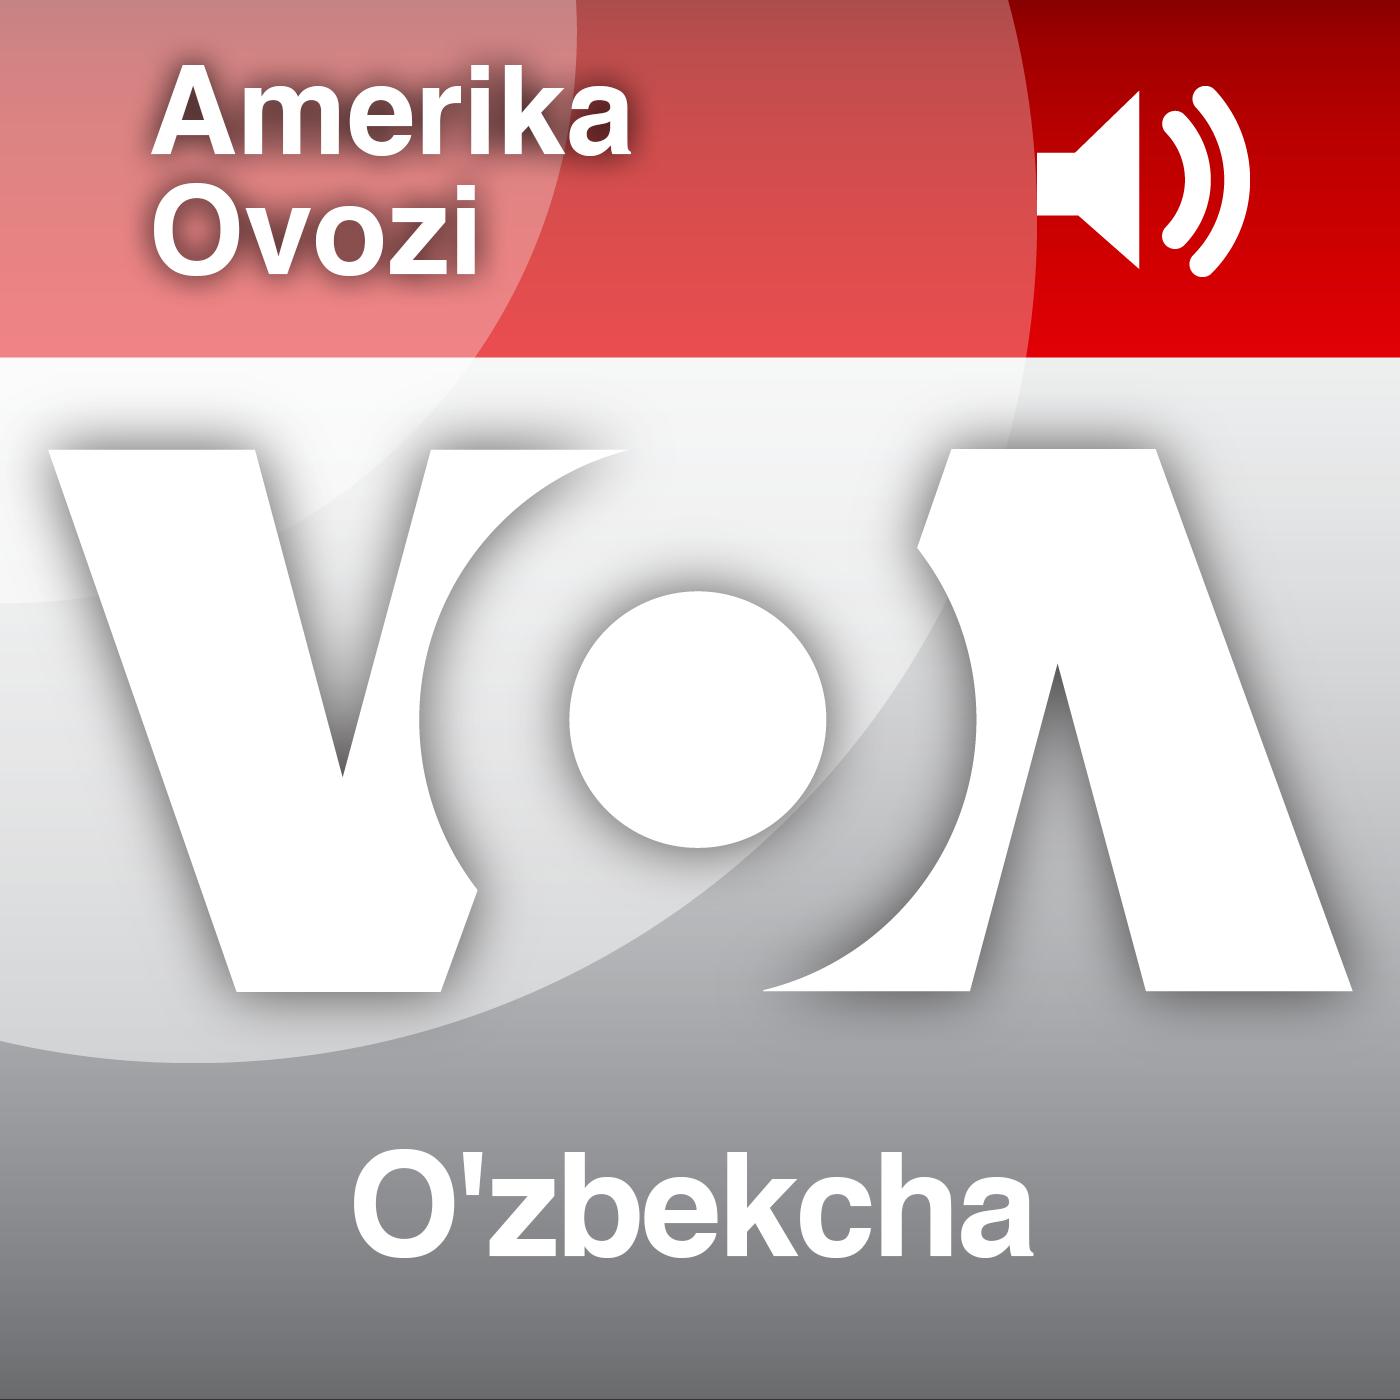 Amerika Ovozi Radiosi - Voice of America